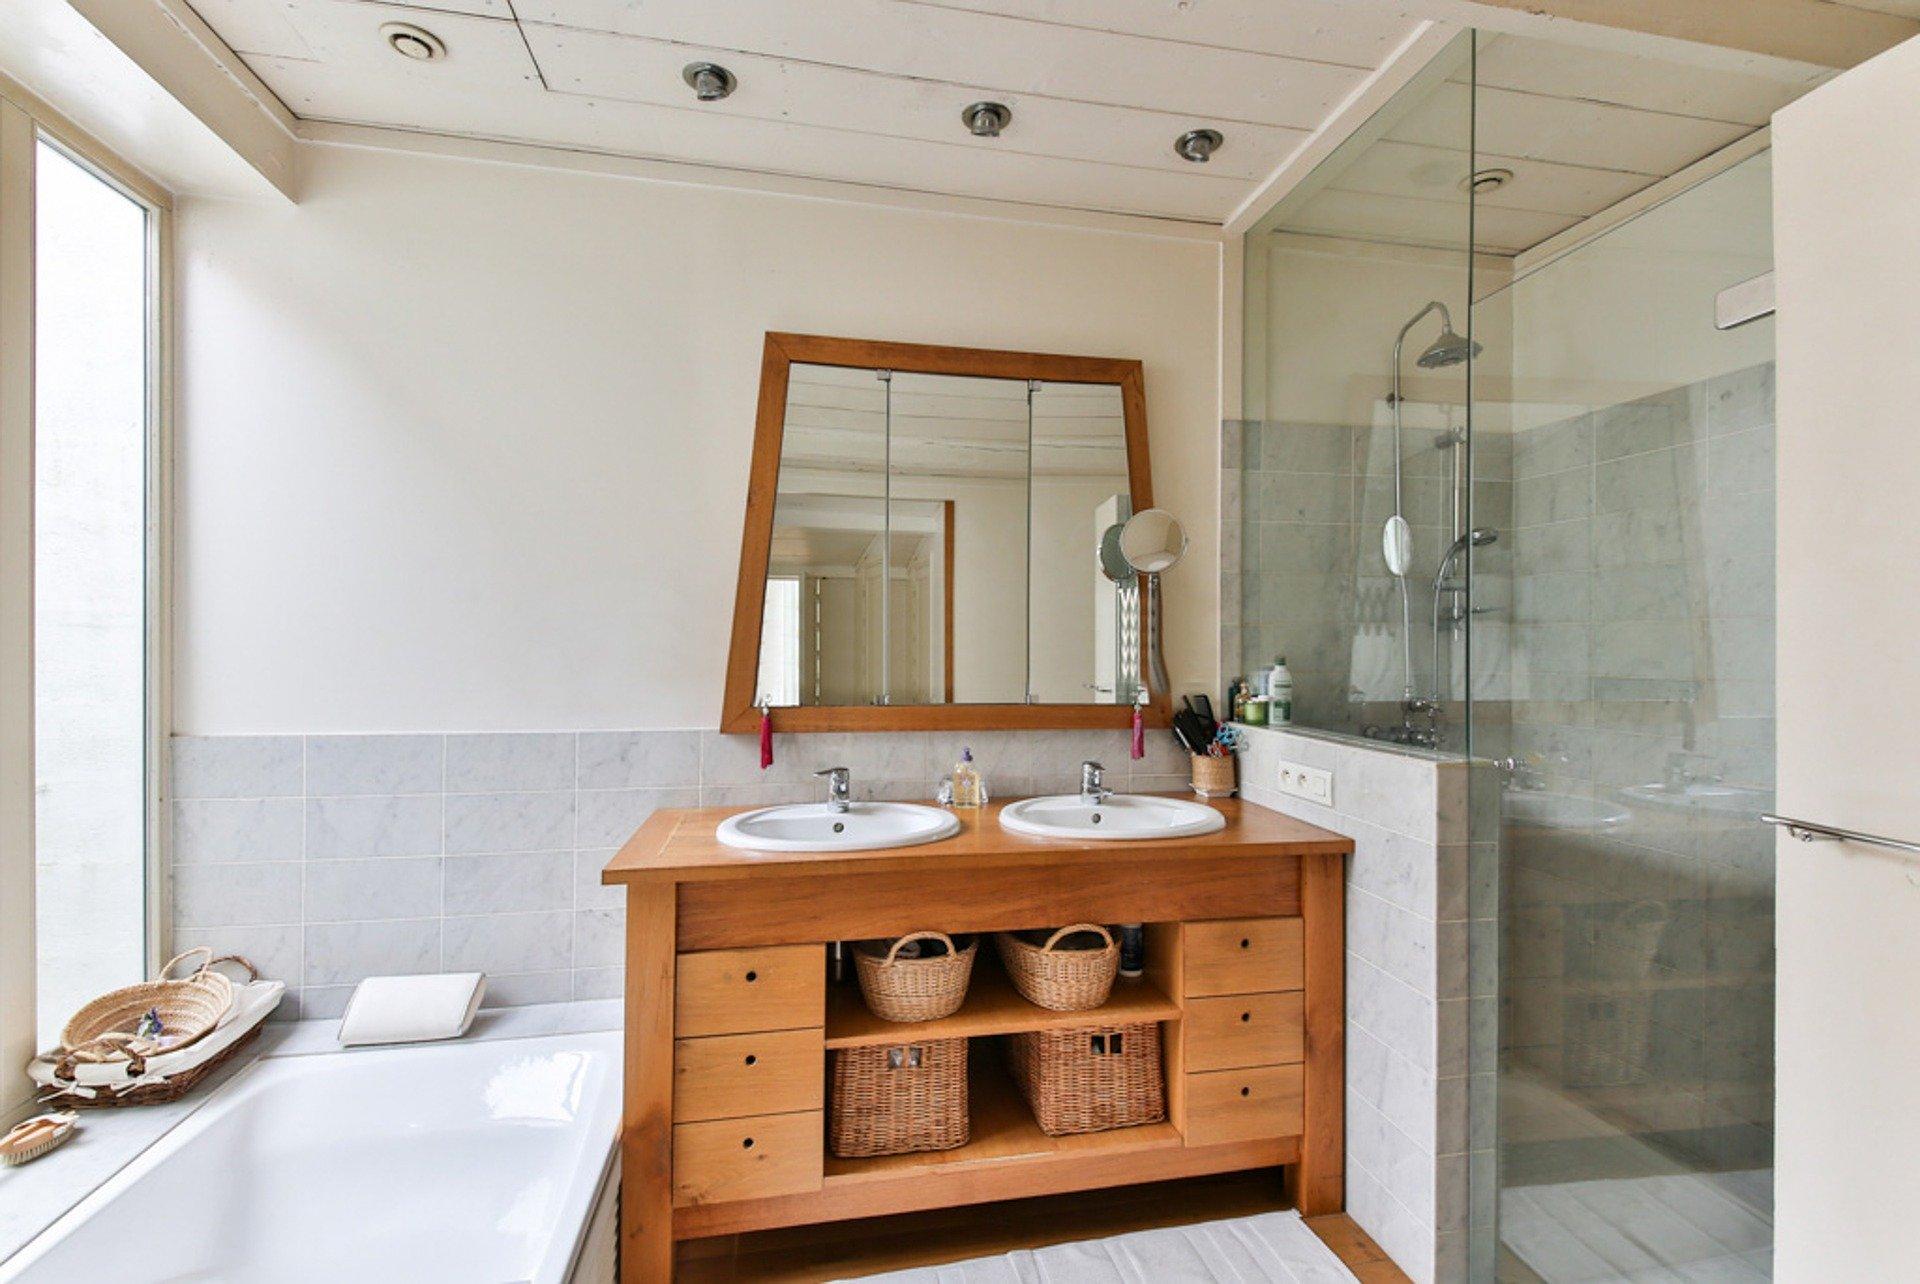 Worauf muss man bei Bad streichen achten   easyMaler.de